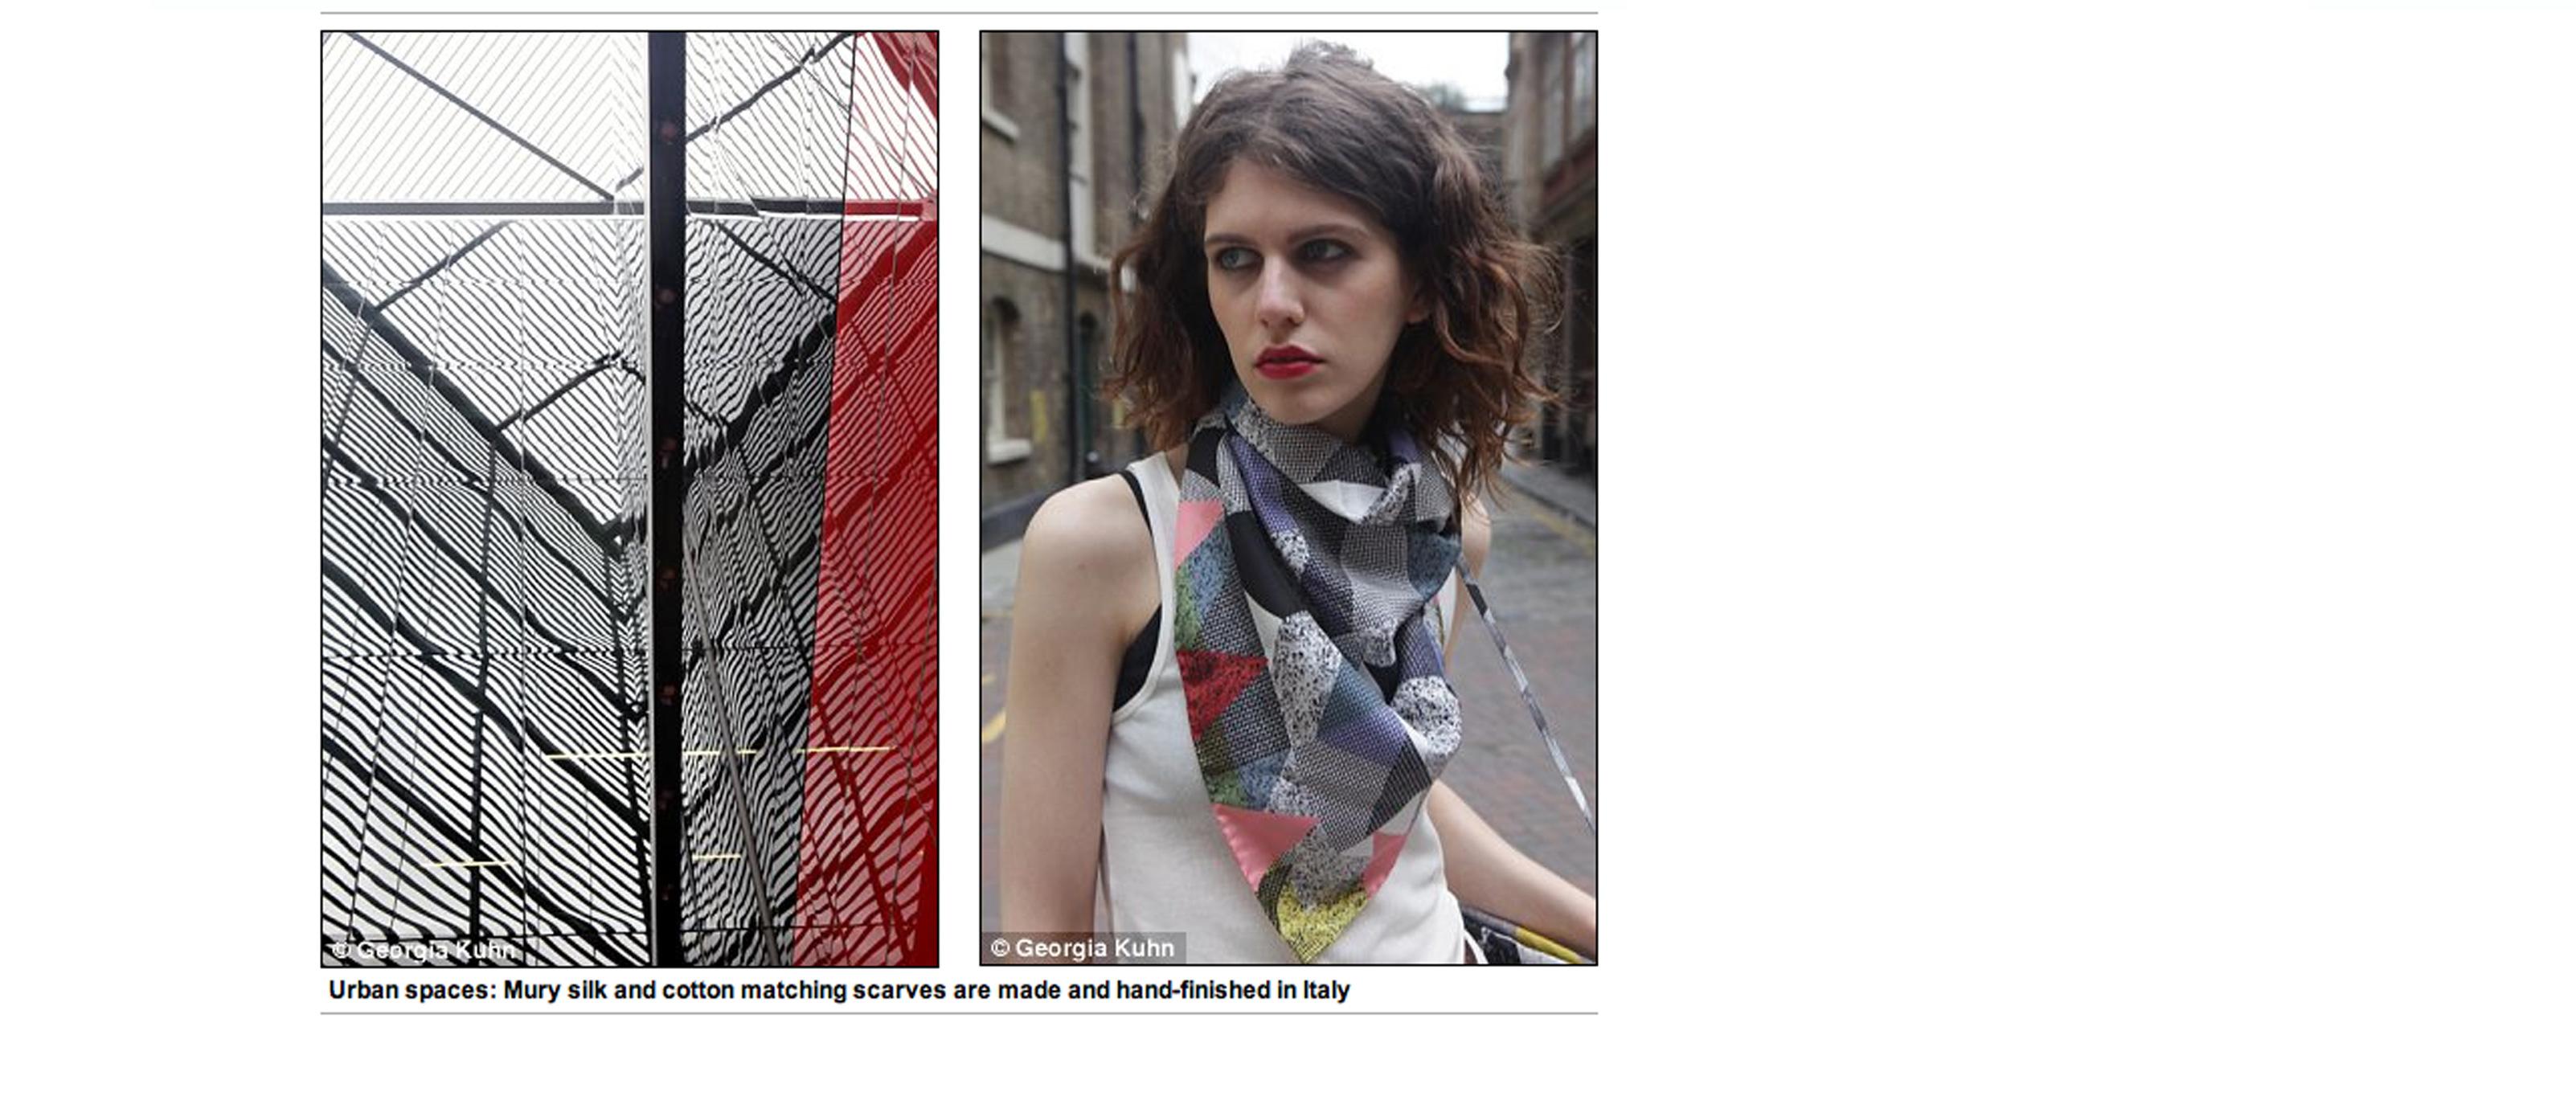 Mury-Daily-Mail-Nov-2013-p5